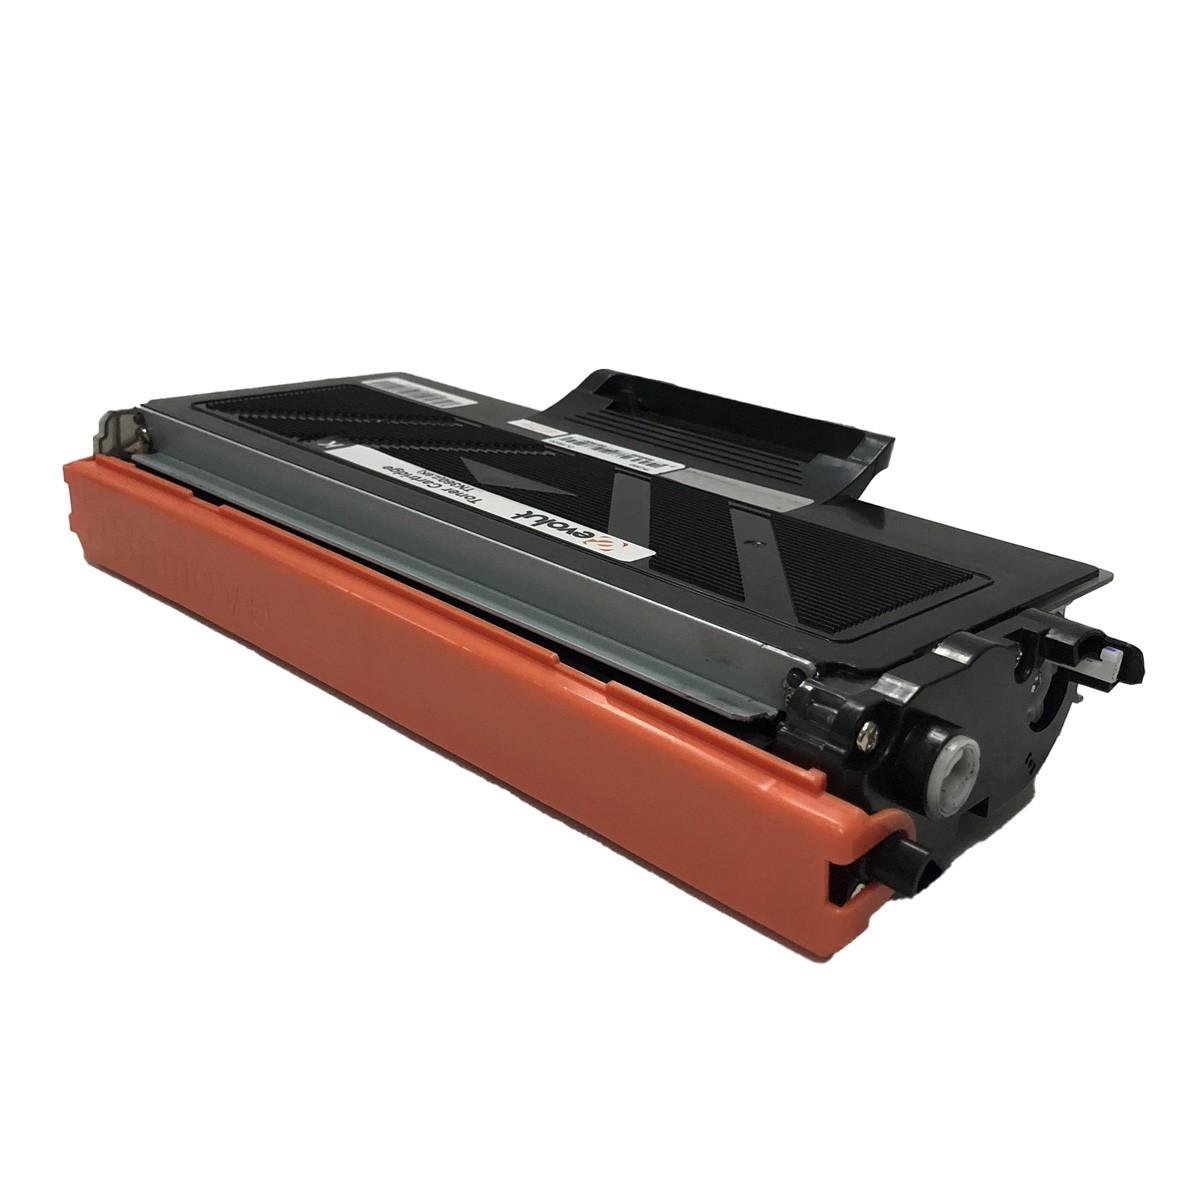 Toner TN360 Evolut Compatível com DCP7030 DCP7040 HL2140 HL2150 MFC7320 MFC7840